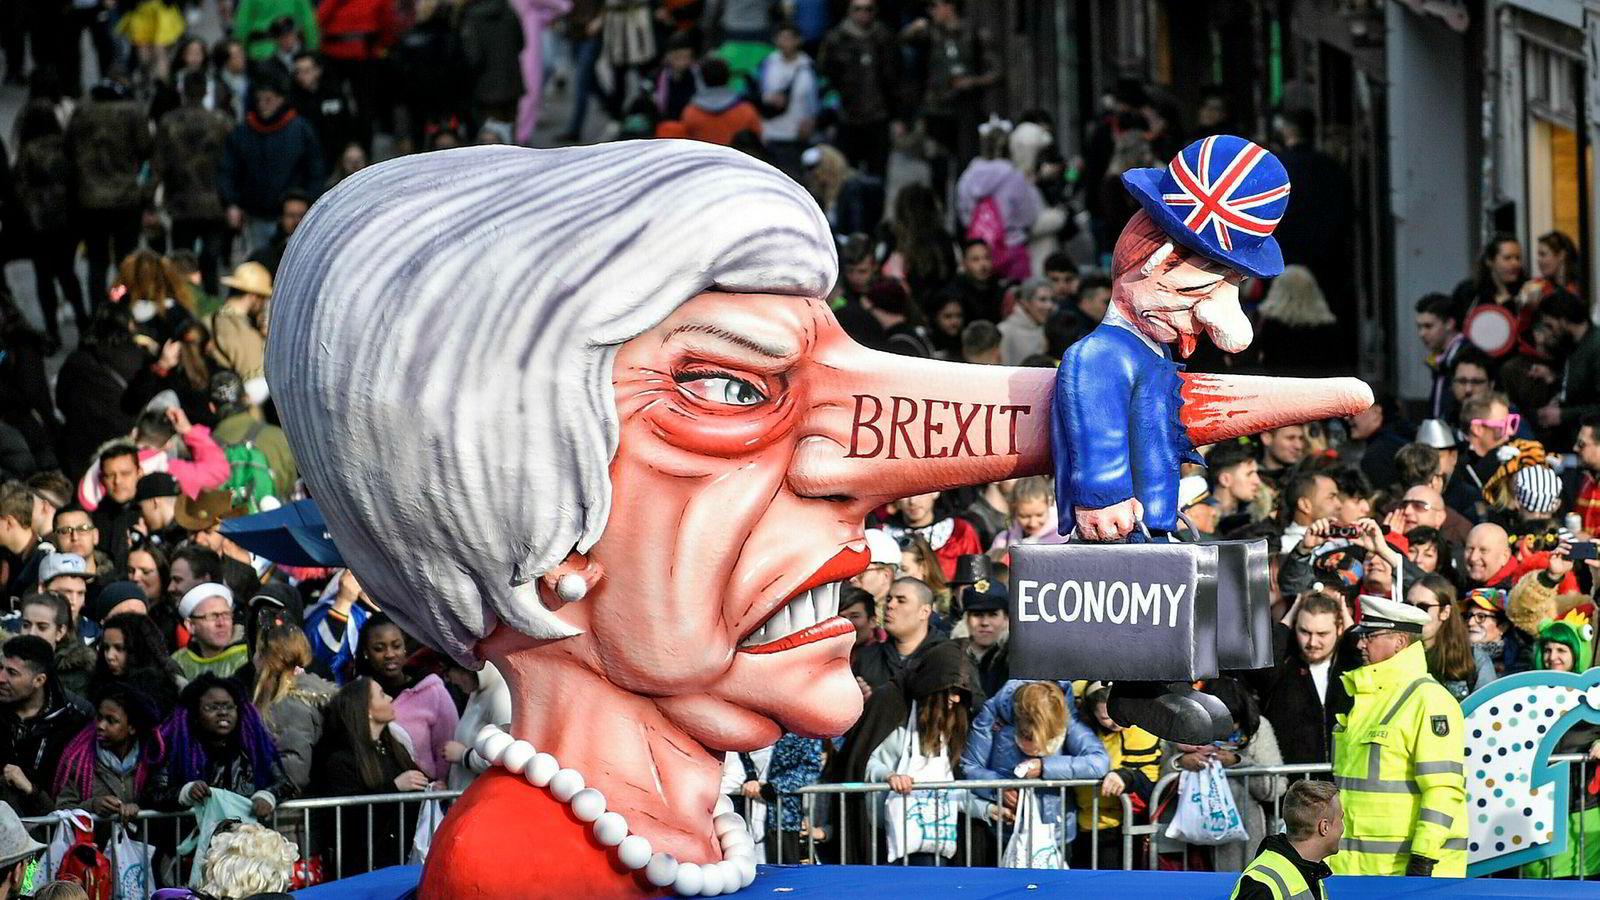 Under karnevalet i Düsseldorf tidligere denne måneden ble Storbritannias statsminister Theresa May og landets brexit-situasjon karikert.